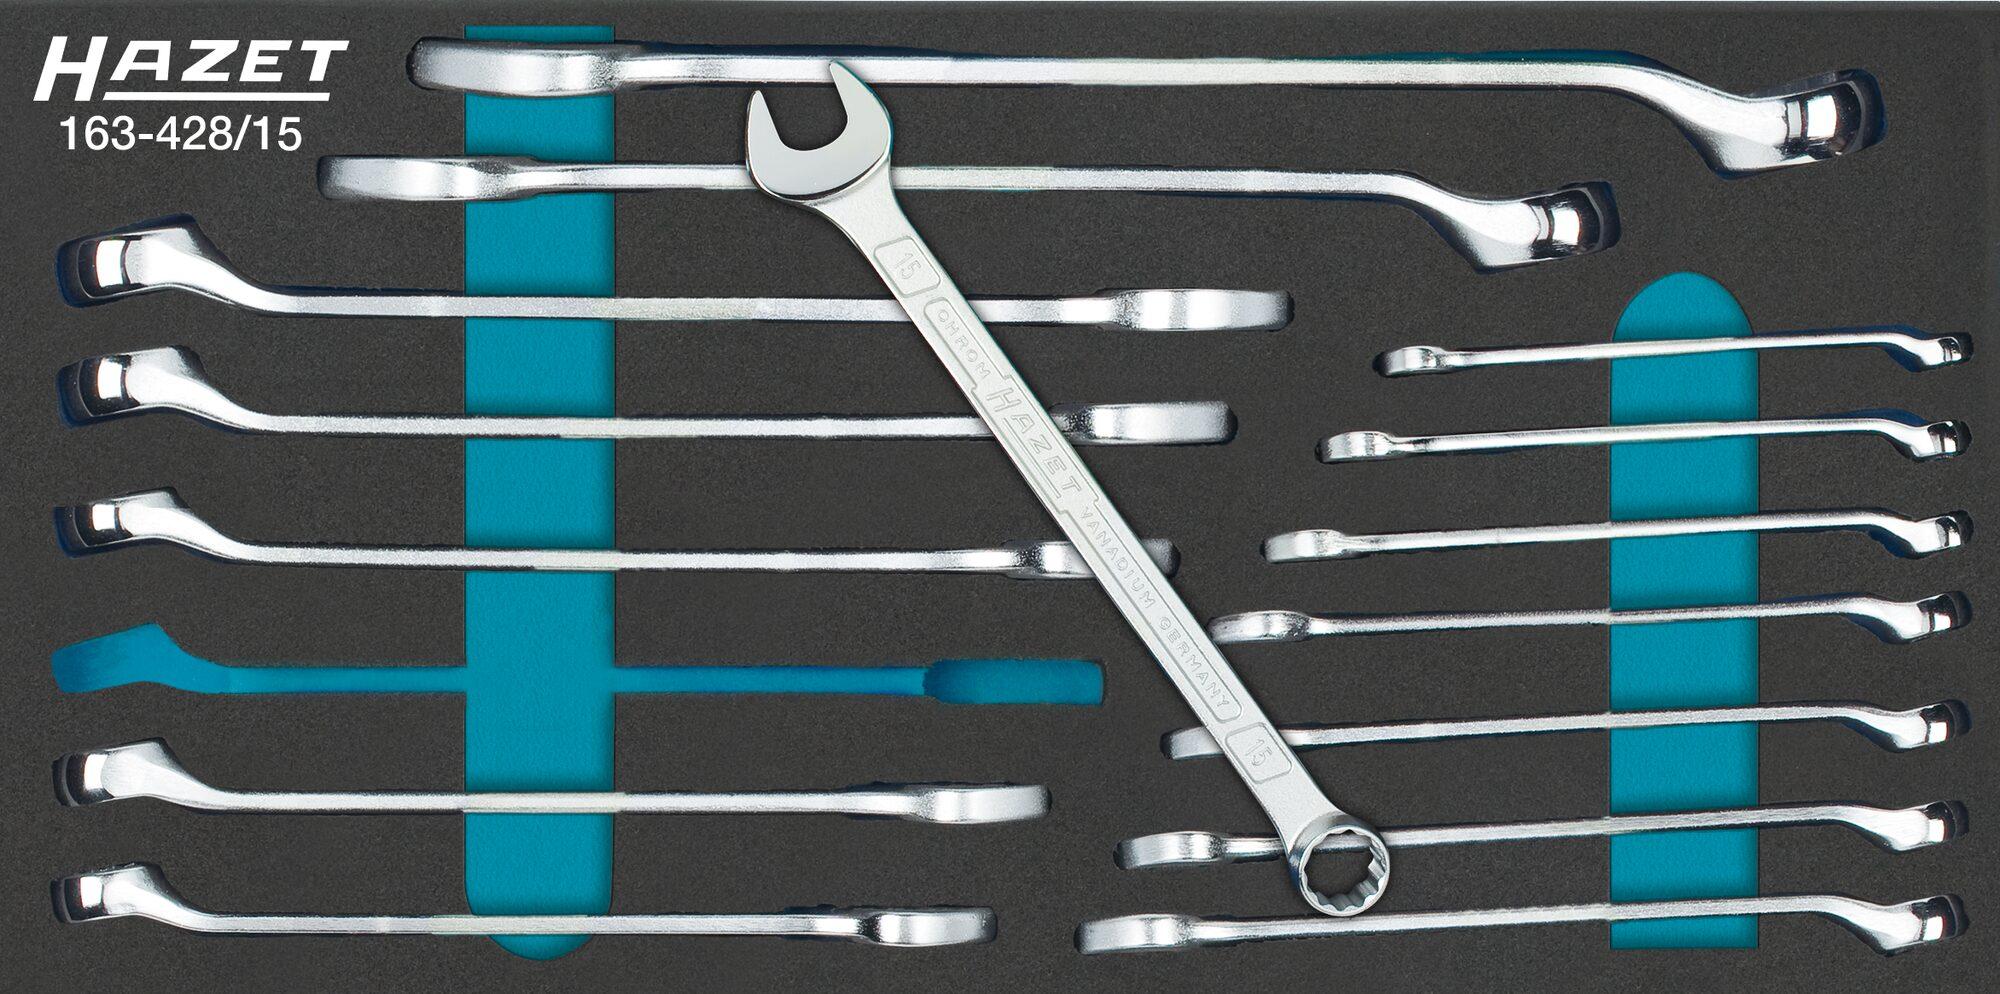 HAZET Ring-Maulschlüssel Satz 163-428/15 ∙ Außen-Doppel-Sechskant Profil ∙ 6–22 ∙ Anzahl Werkzeuge: 15